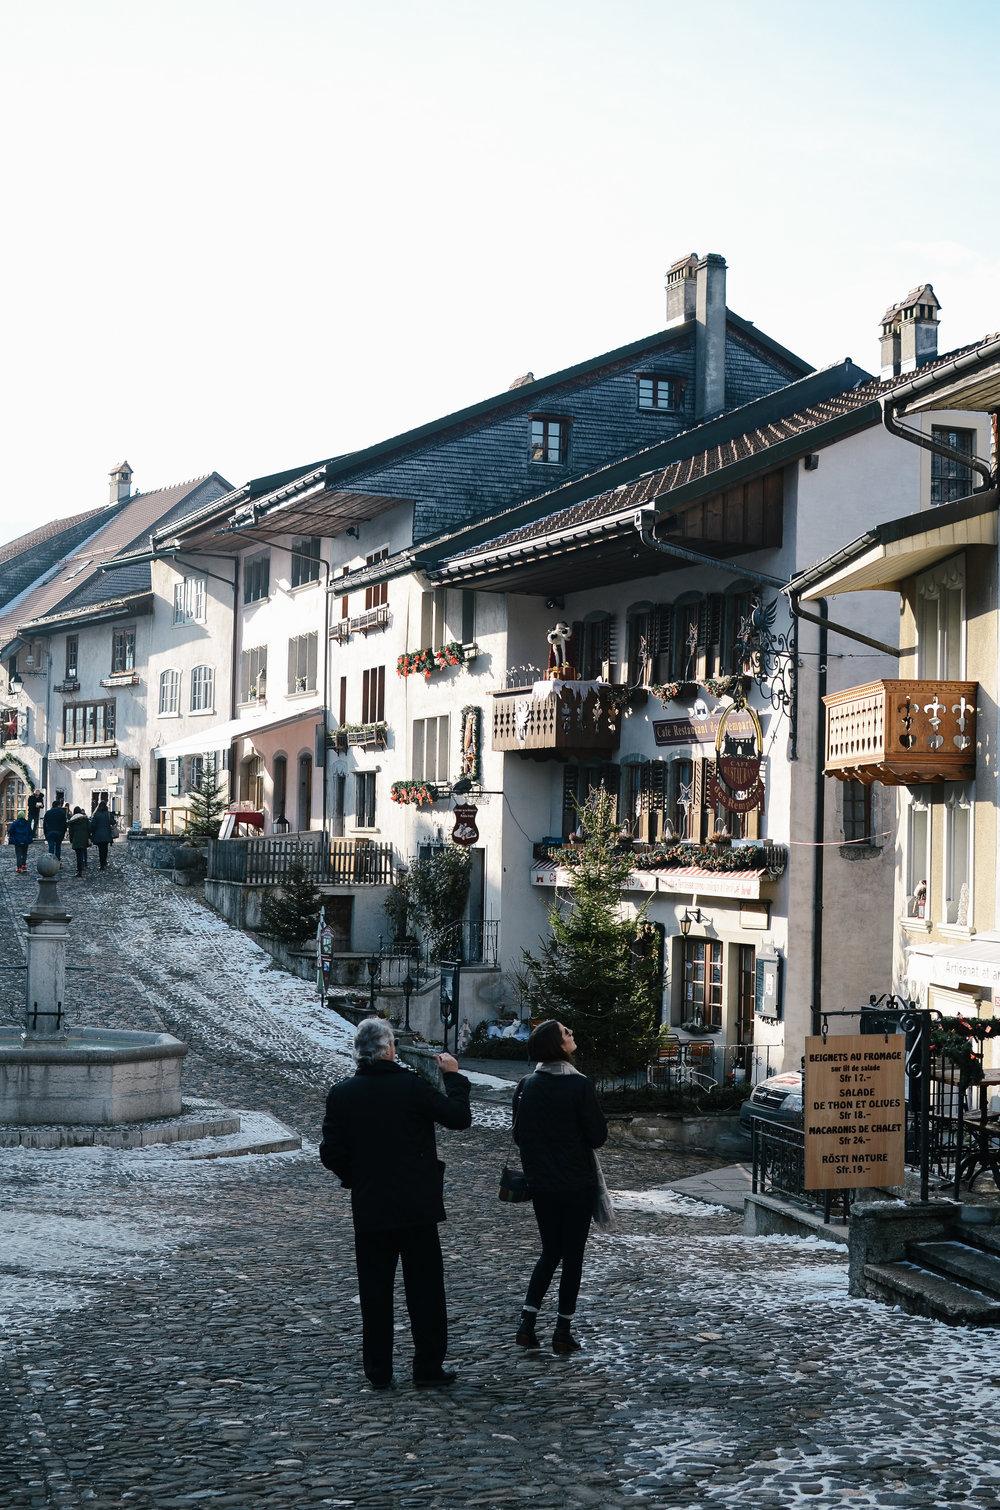 Day-Trips-From-Geneva-Switzerland-Gruyere_DSC_0392 copy.jpg